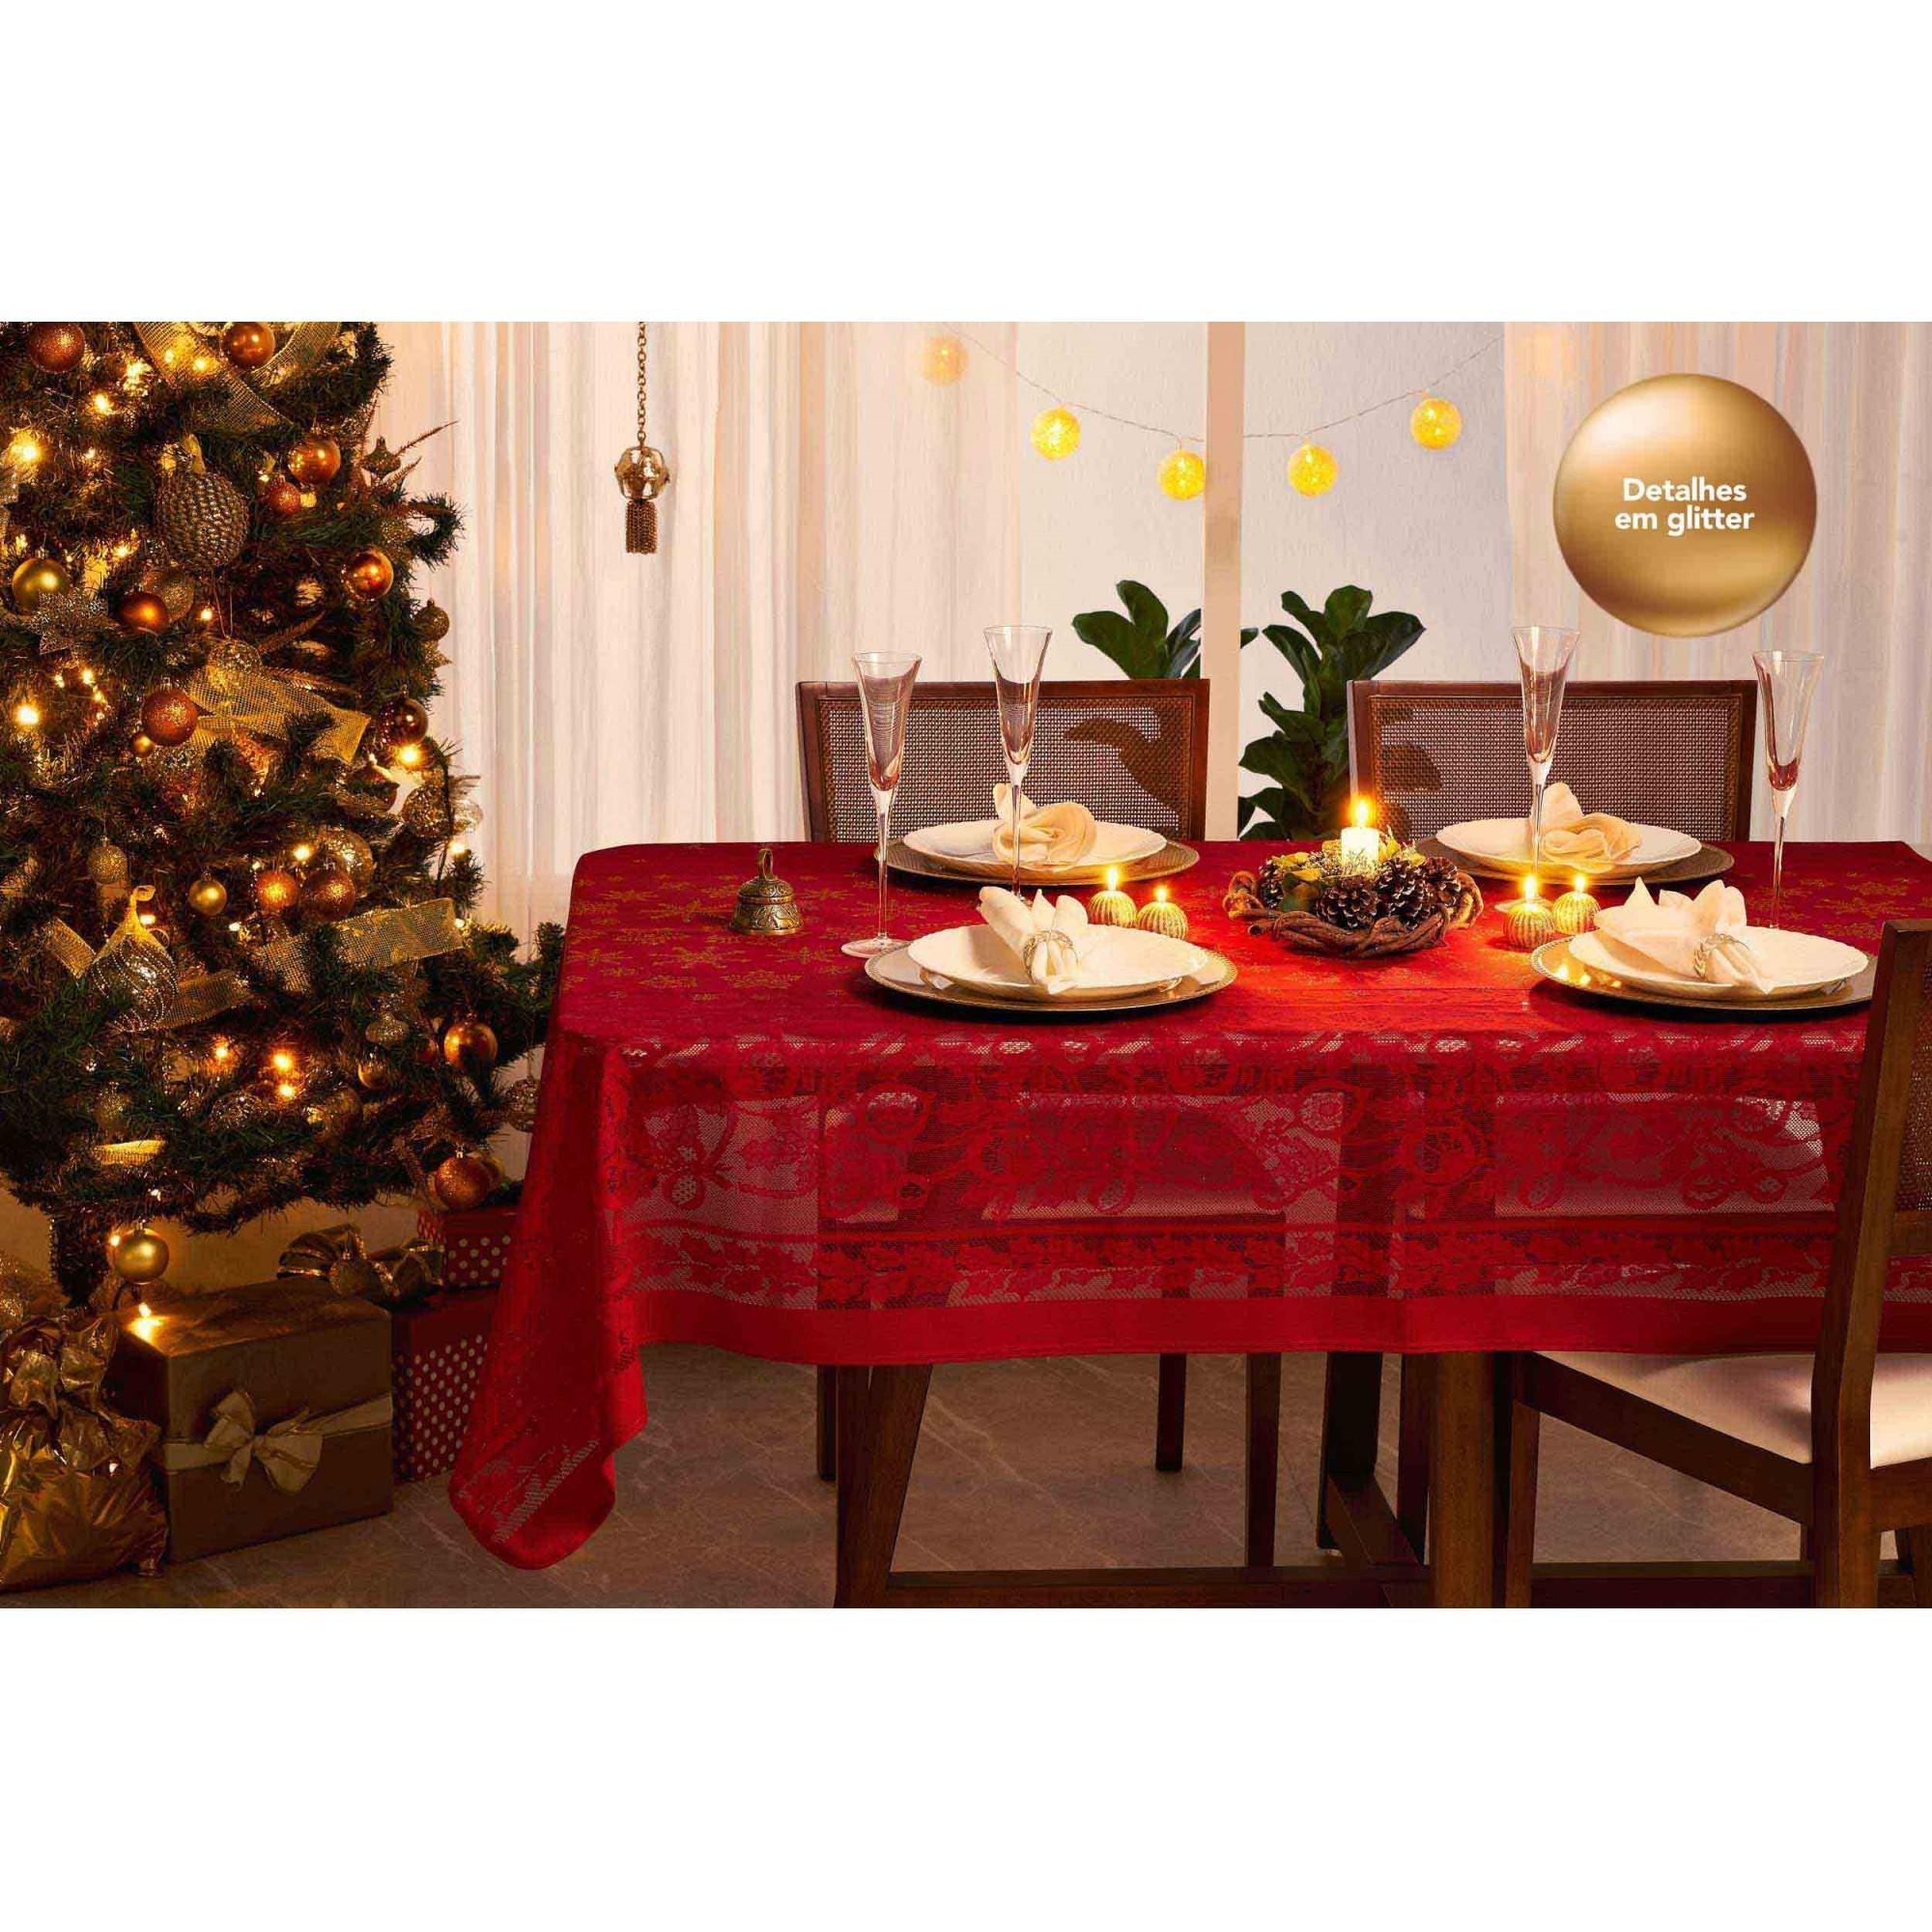 Toalha de Mesa de Renda Cristal Natal Retangular 6 Lugares 35302 Lepper